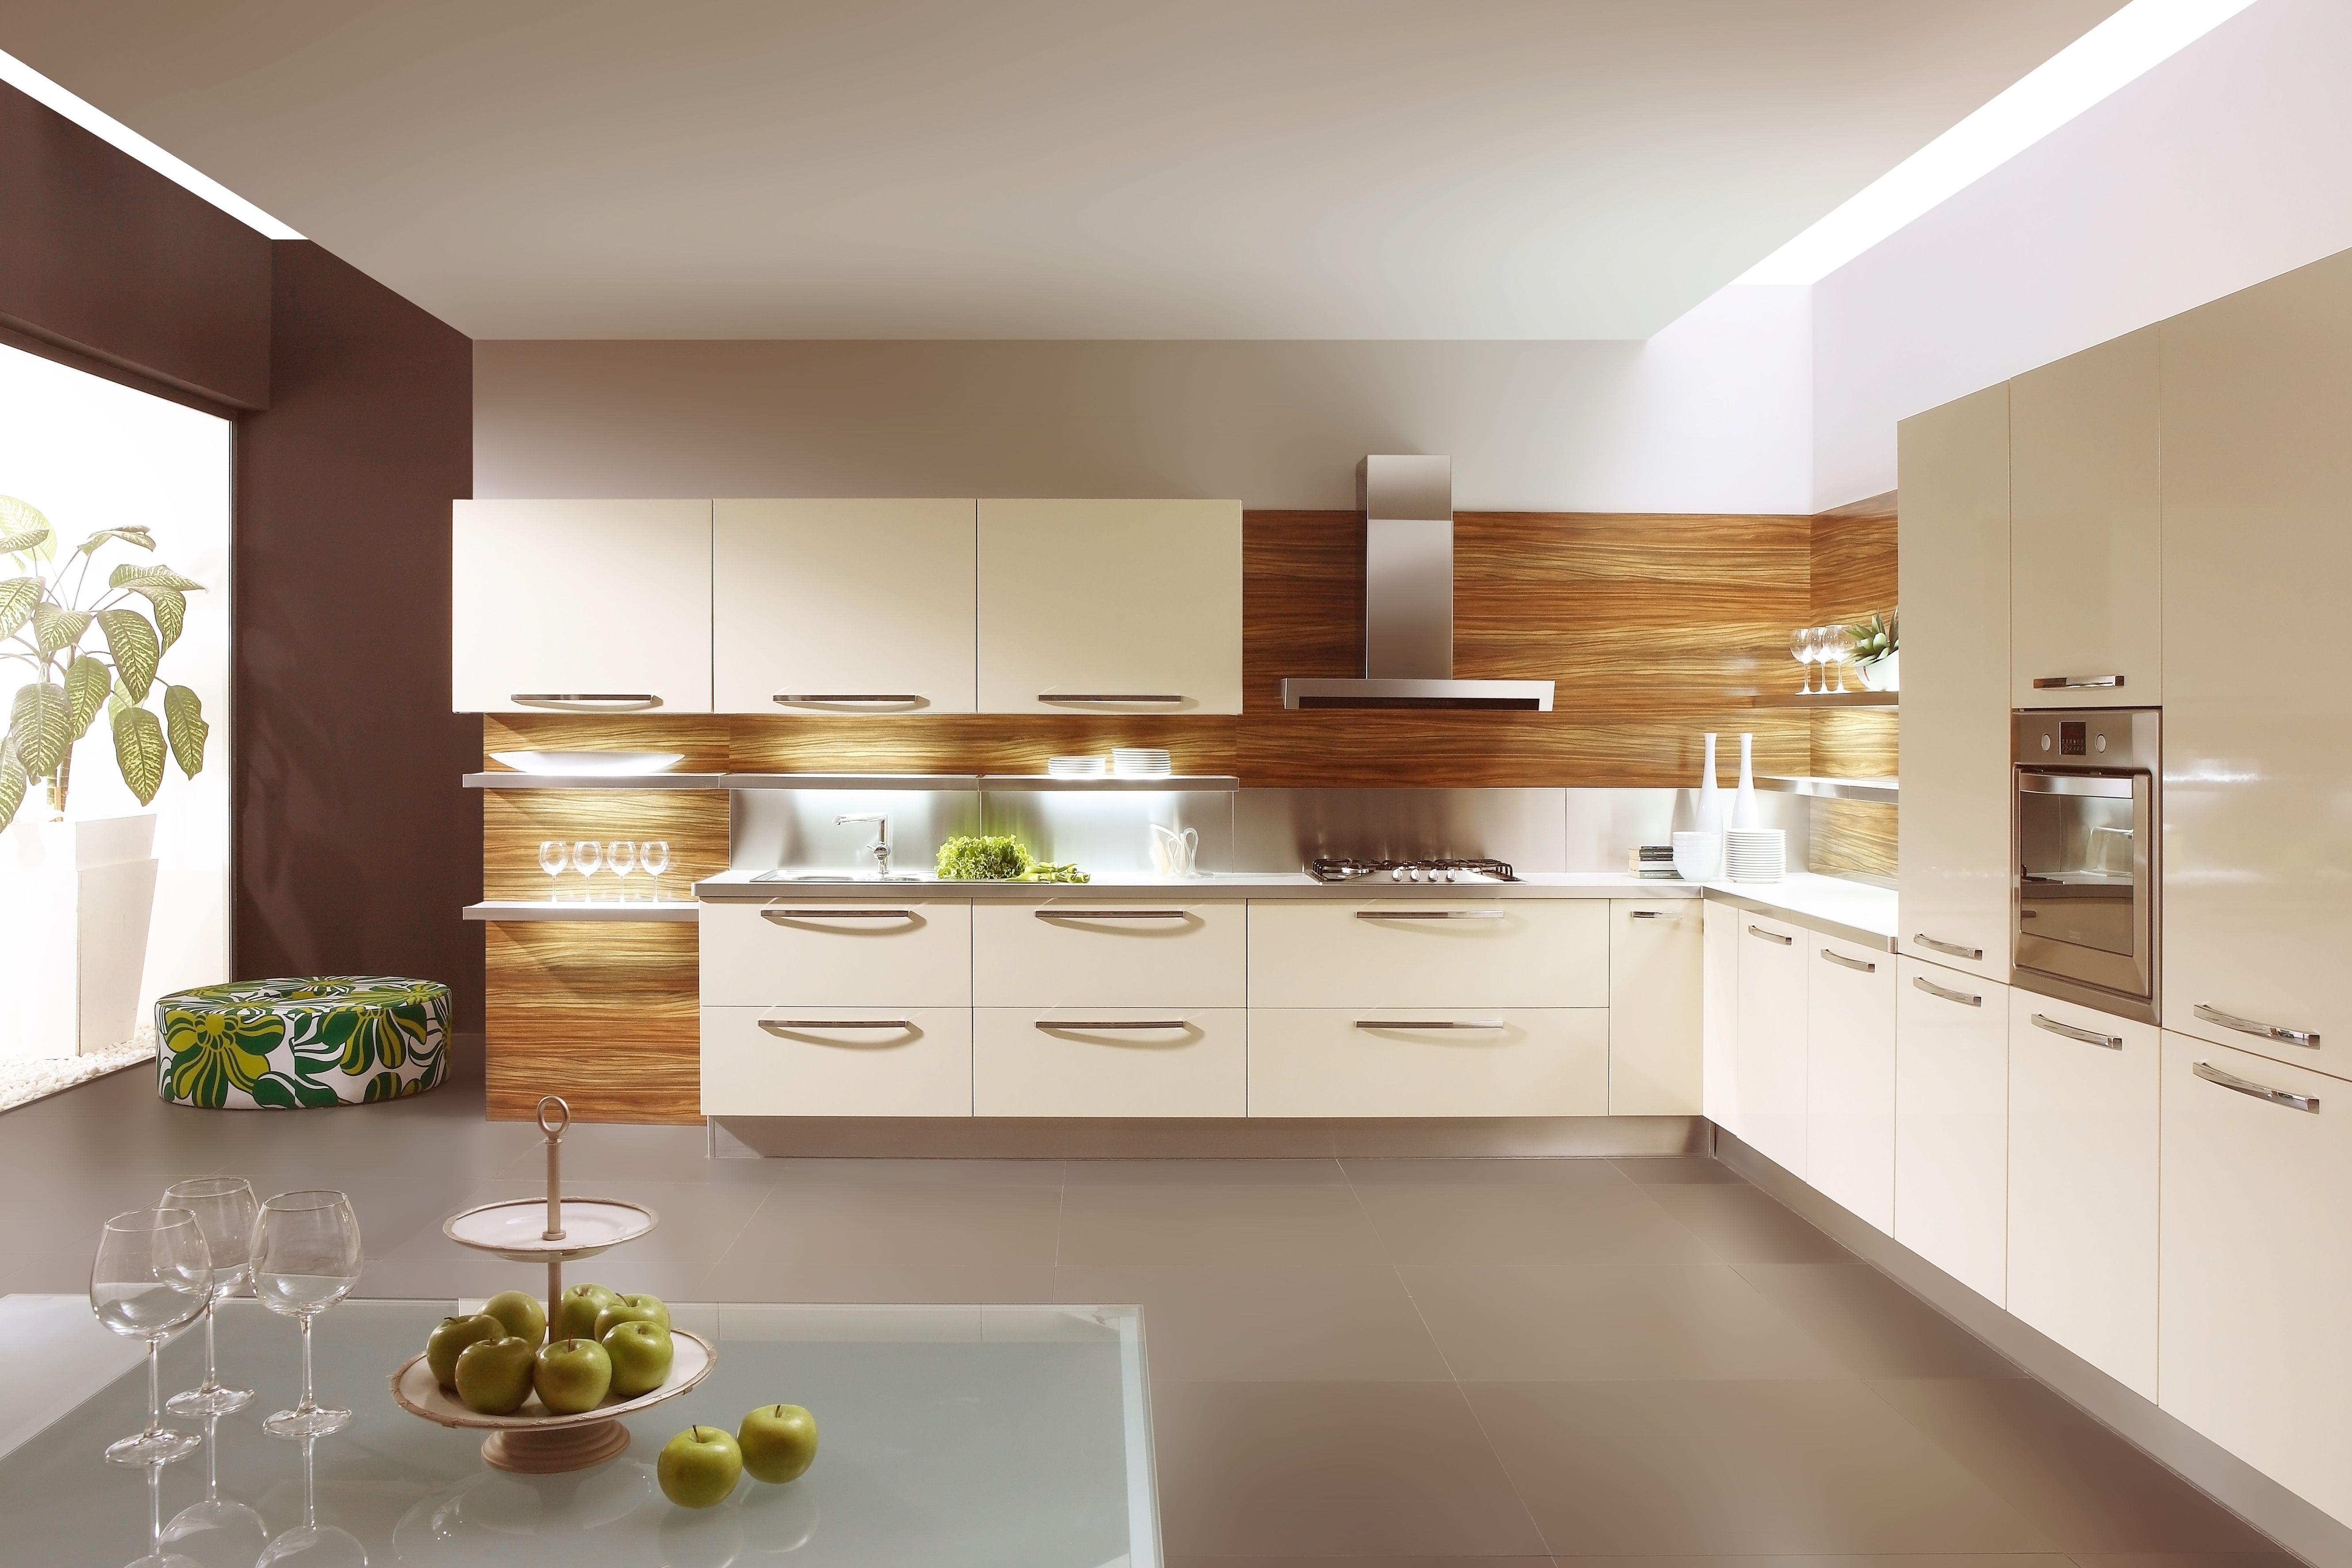 kitchens furniture. Interesting Kitchens White Kitchen Furniture Home Eurodecor Decoration Catalog  With Kitchens Furniture F